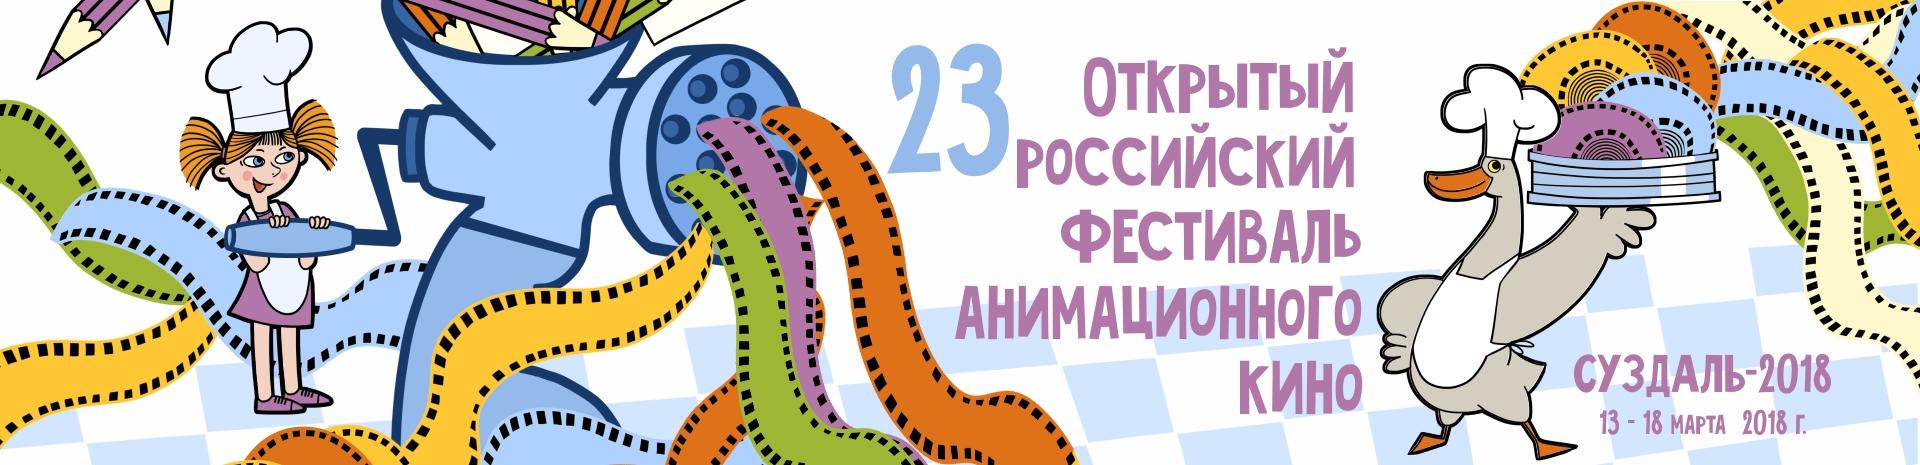 Плакат фестиваля 2018